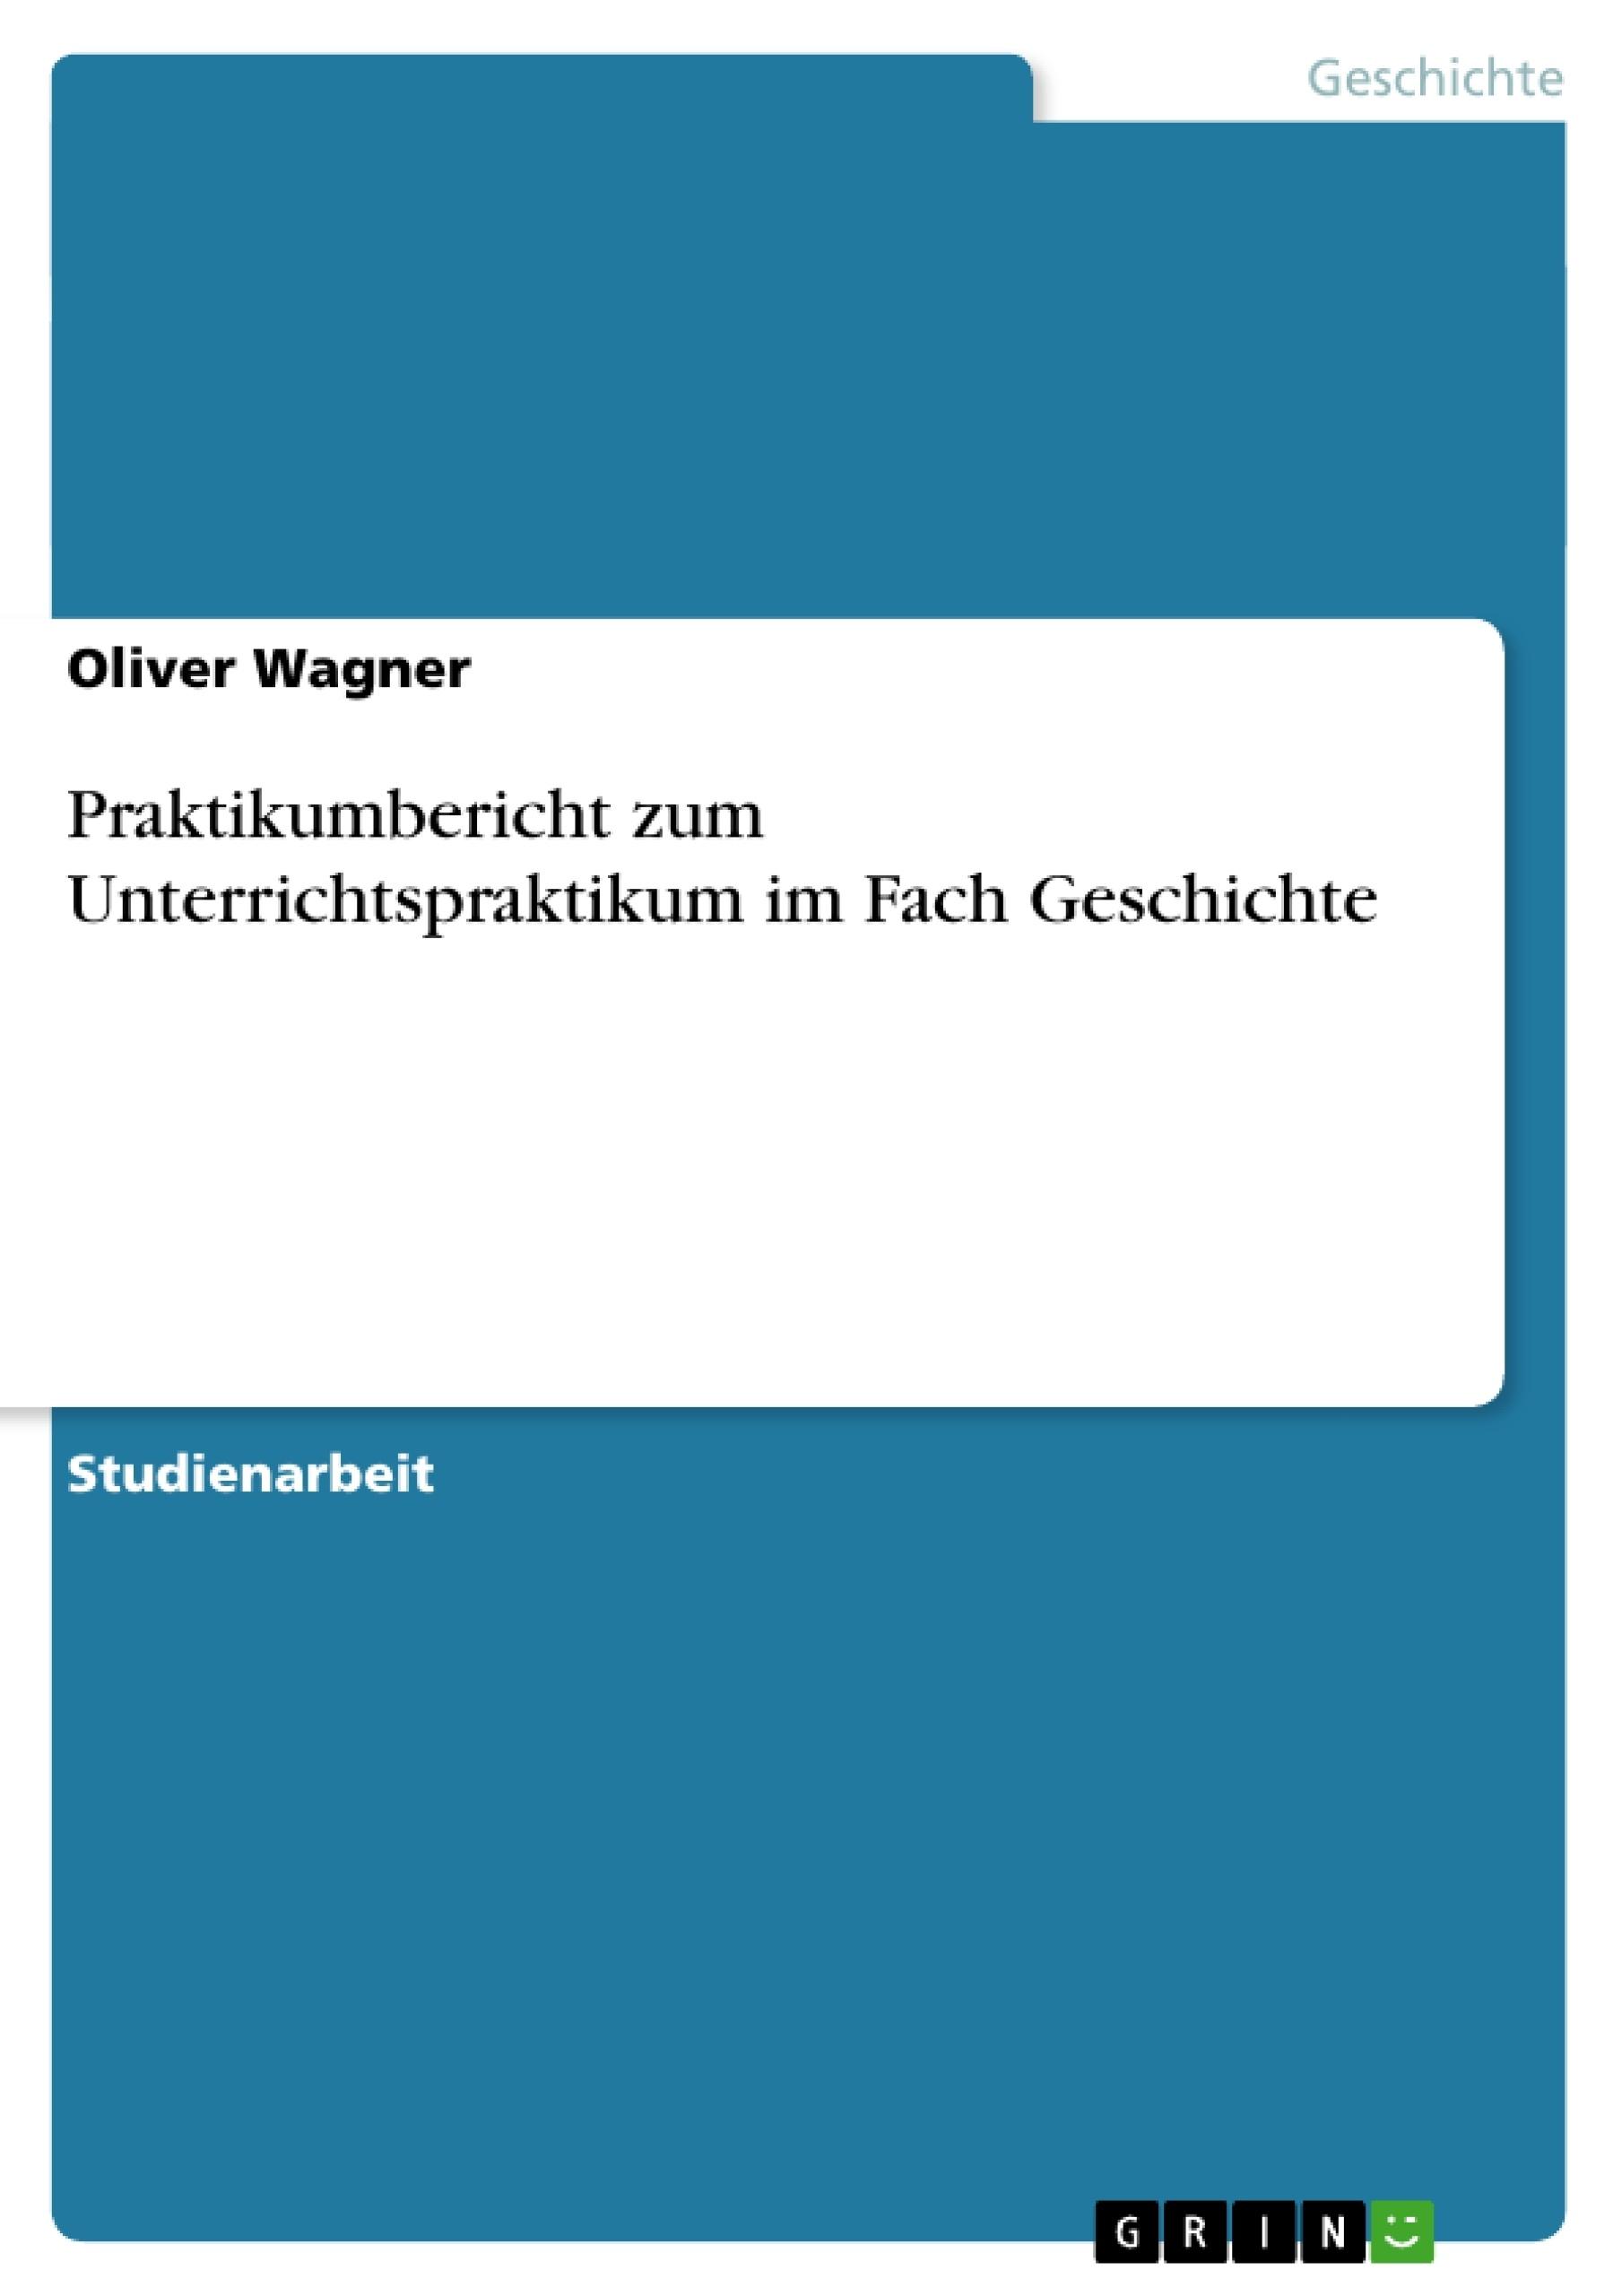 Titel: Praktikumbericht zum Unterrichtspraktikum im Fach Geschichte